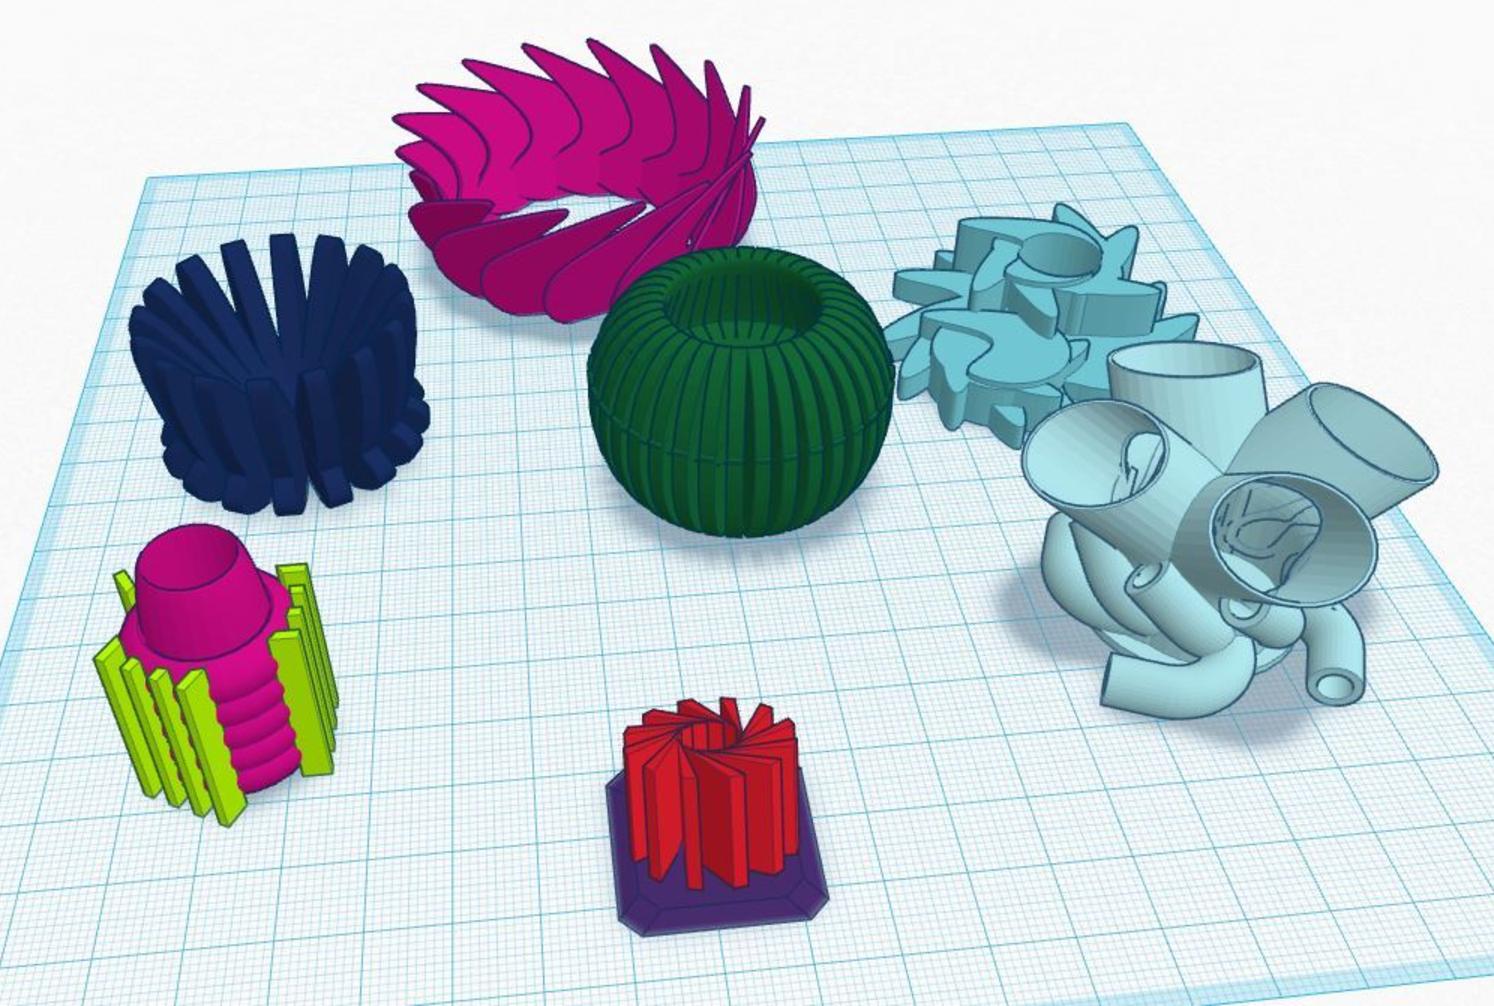 Capture d'écran 2017-05-09 à 16.19.00.png Download free STL file Things • 3D printer model, squiqui